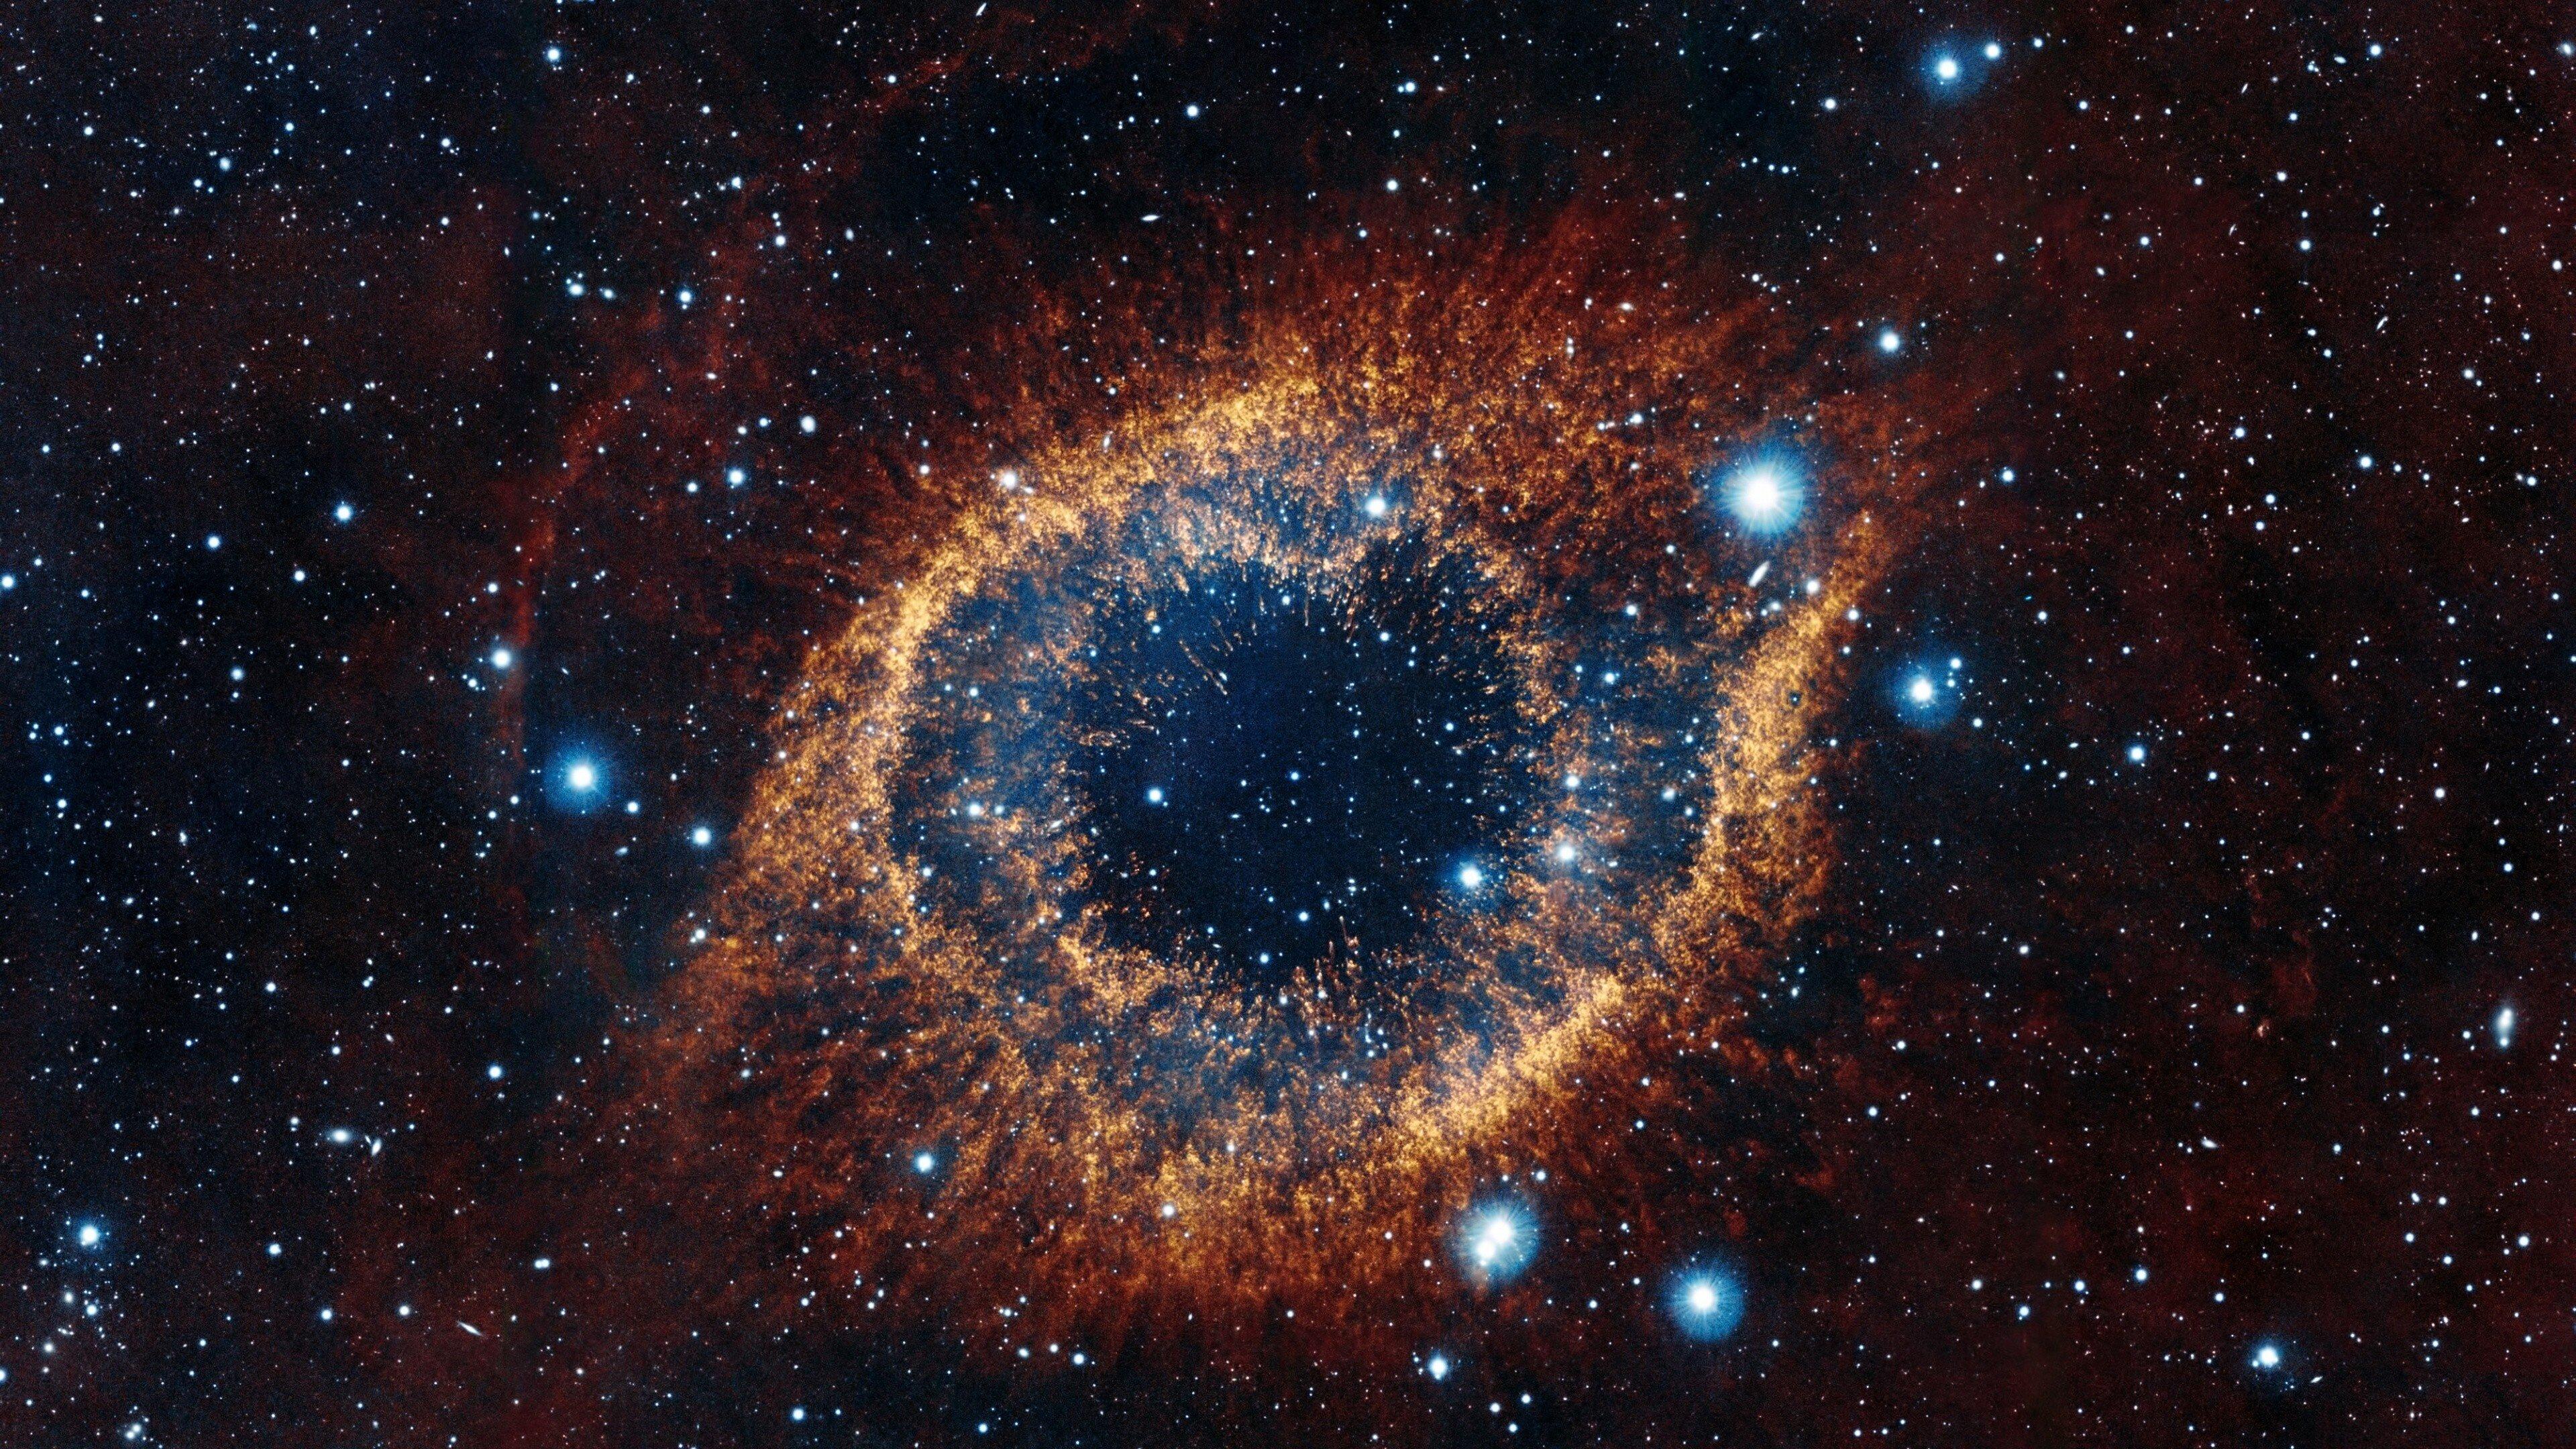 фото вселенной в высоком качестве